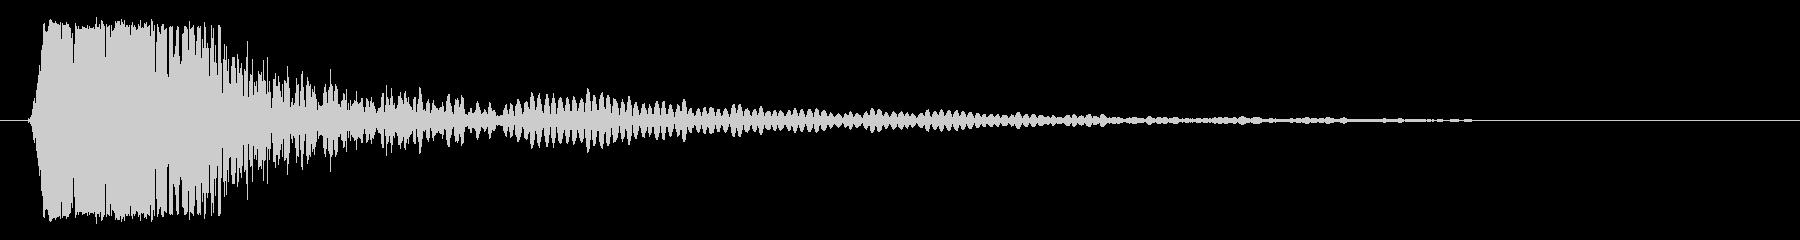 ビシッという強いスネア音の未再生の波形